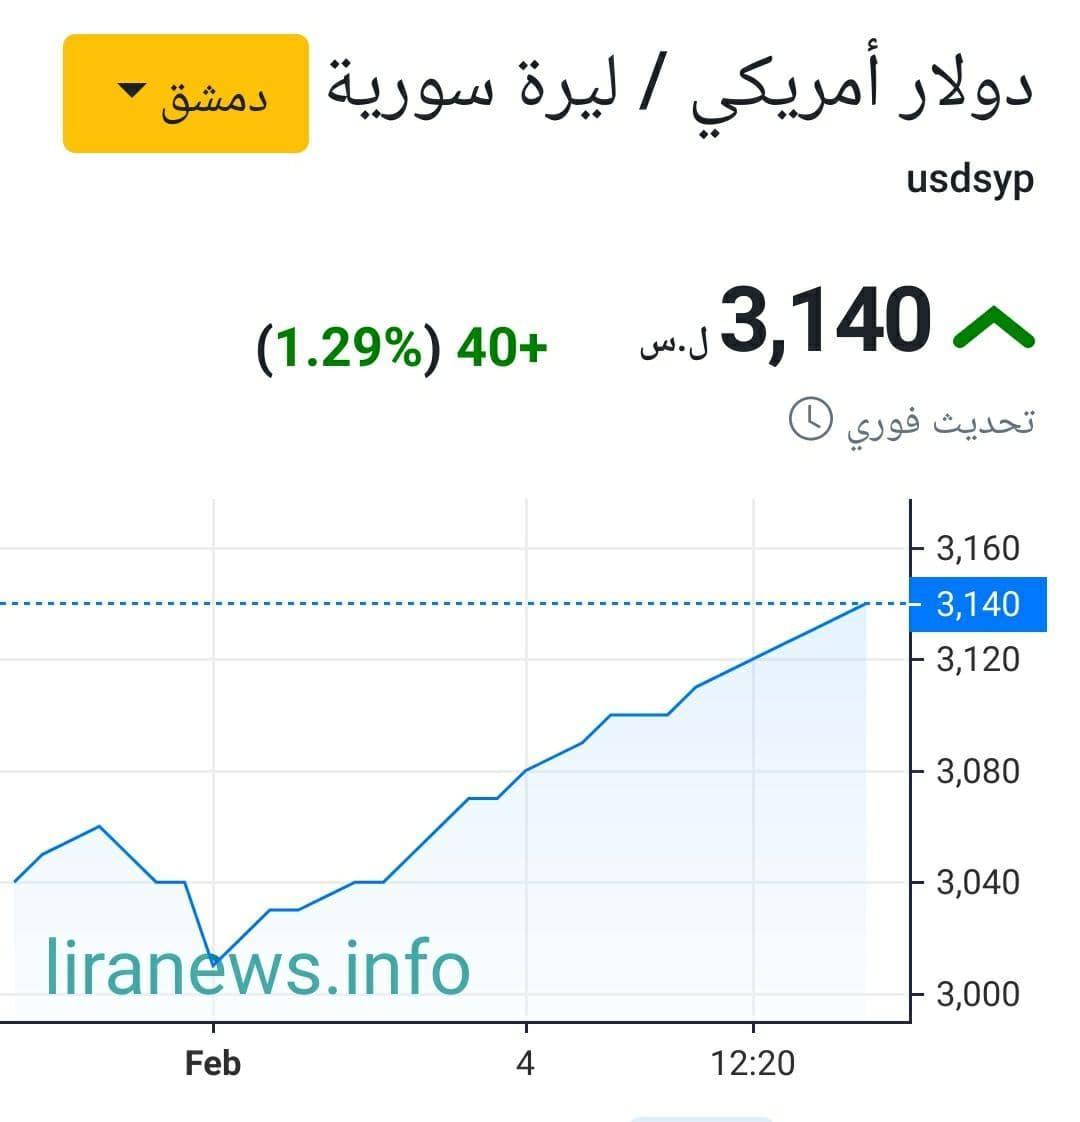 تغير الليرة السورية مقابل الدولار في دمشق على مدى أسبوع